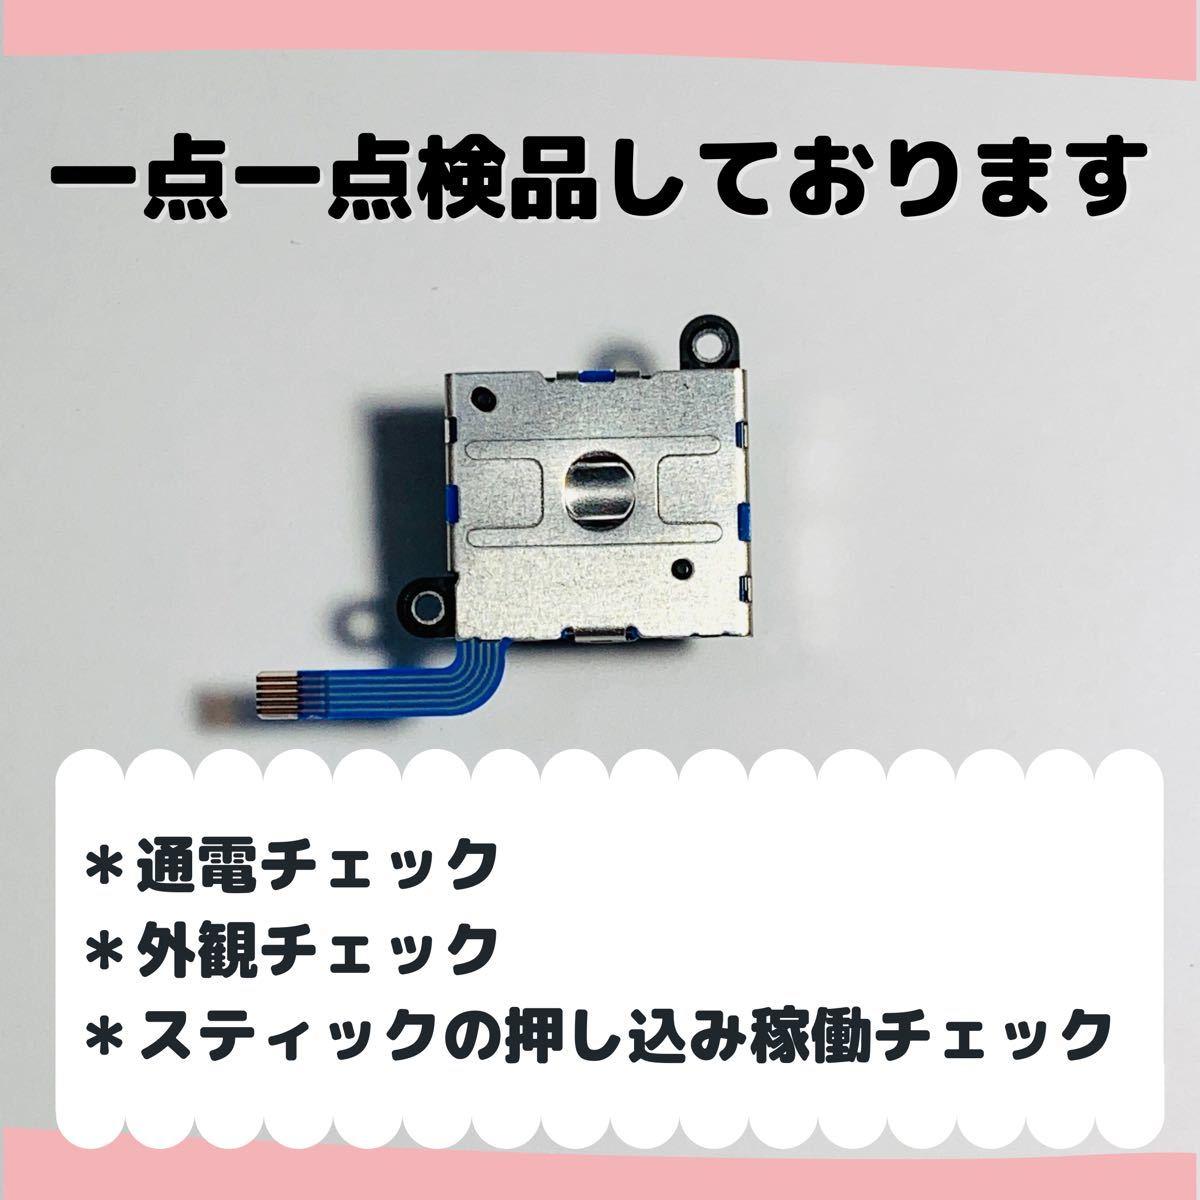 【新品】ジョイコン修理 スイッチ アナログスティック 6個 互換品